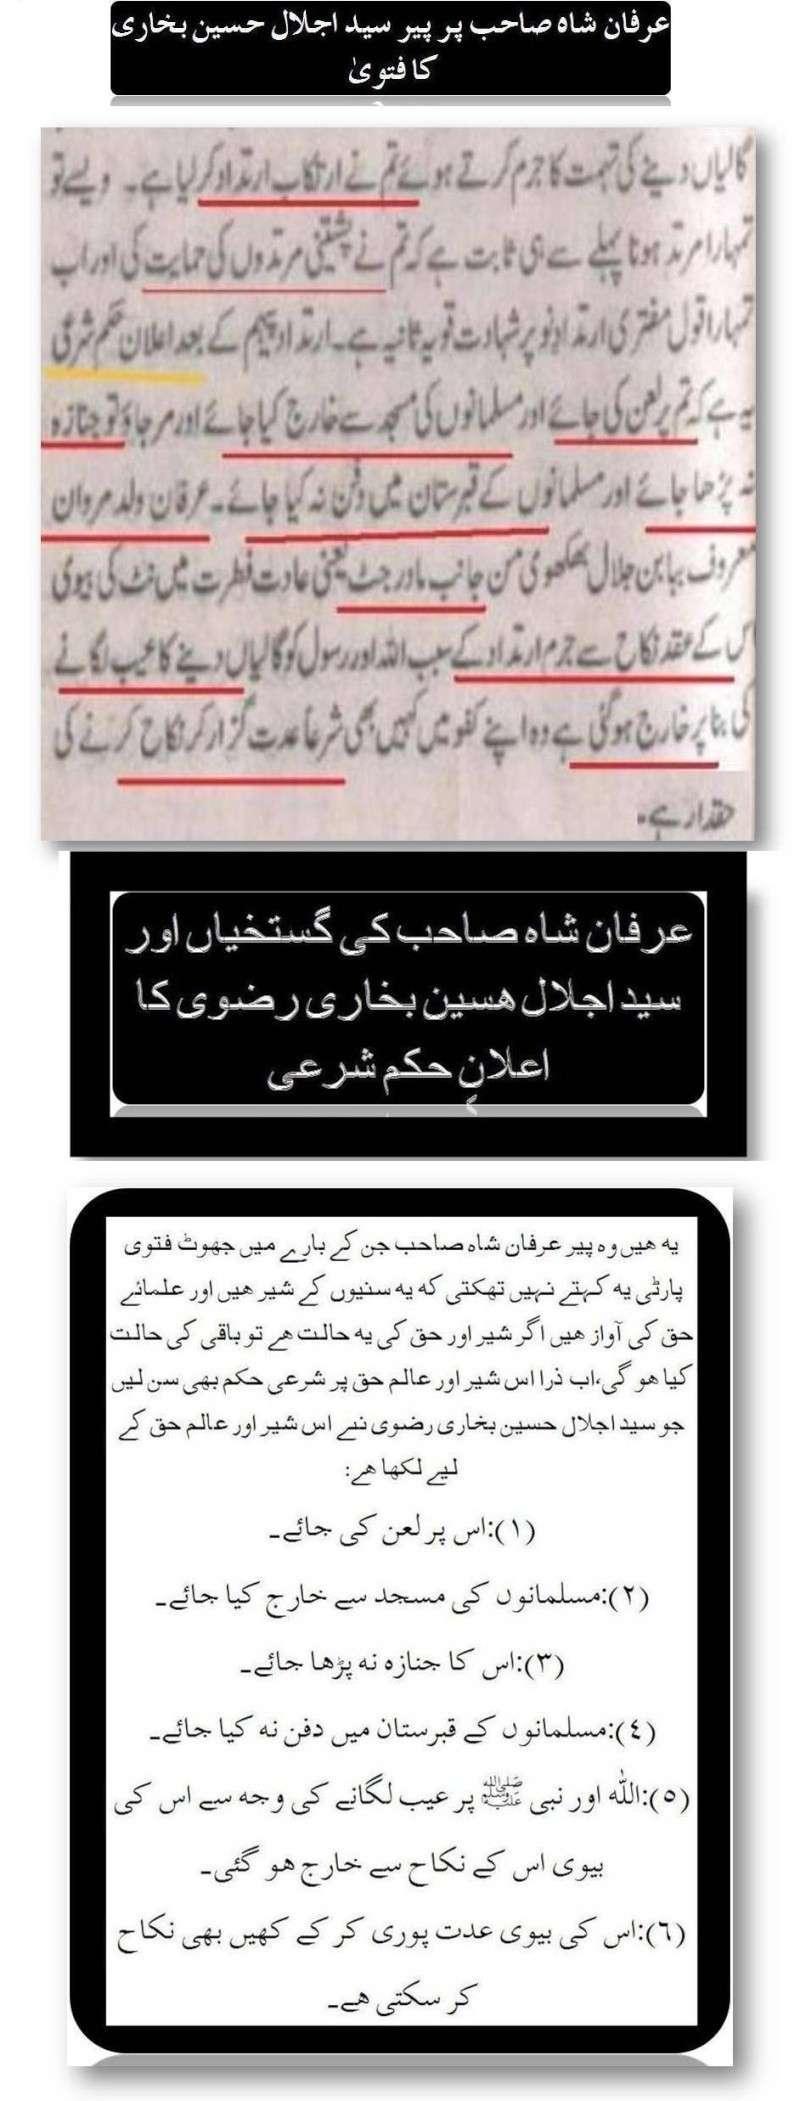 پیر عرفان شاہ صاحب کے جھوٹ Post311